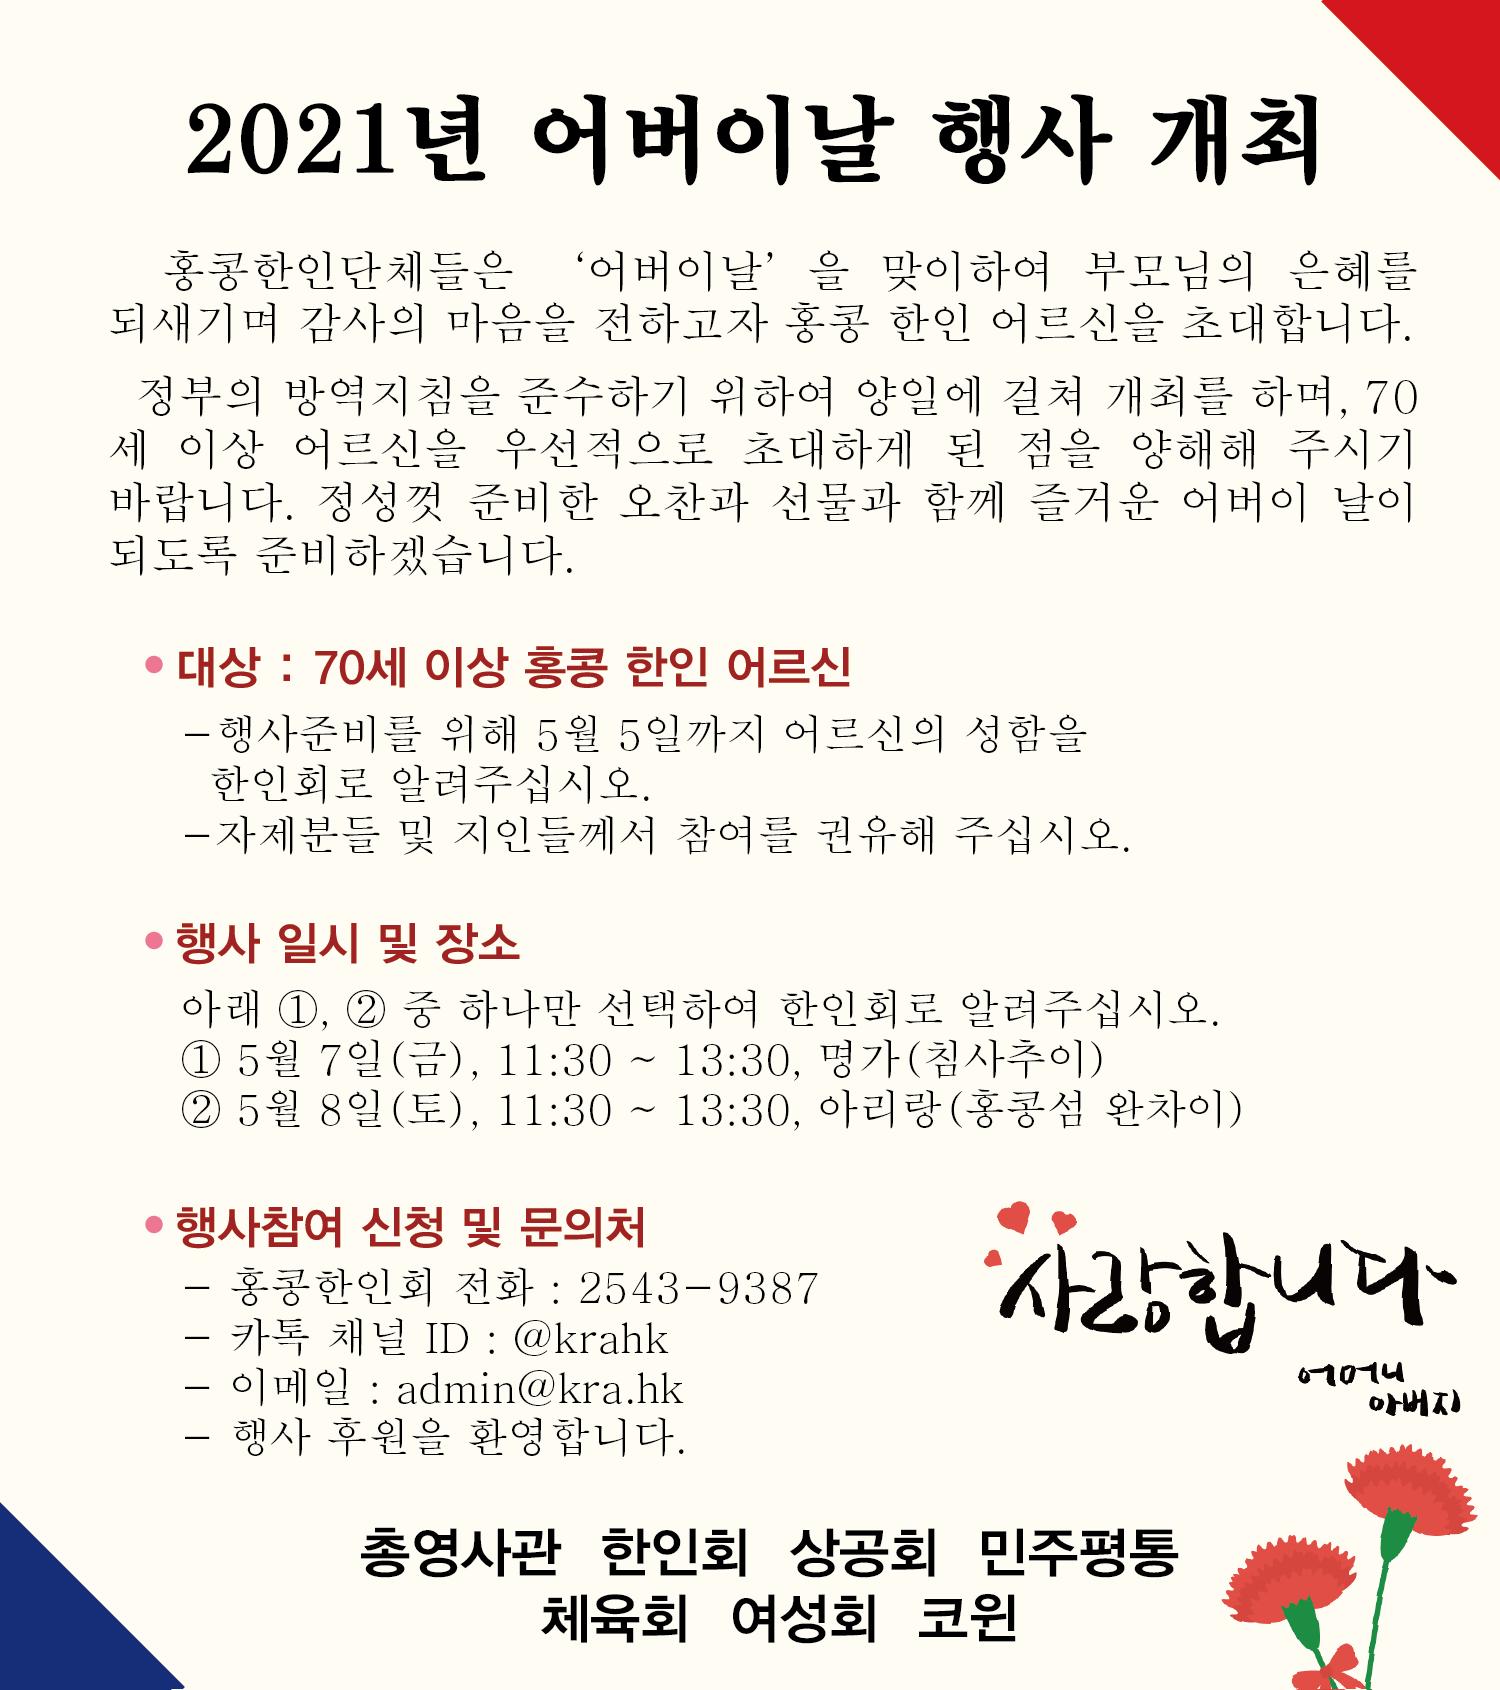 (안내문)2021년 어버이날 행사 개최.png